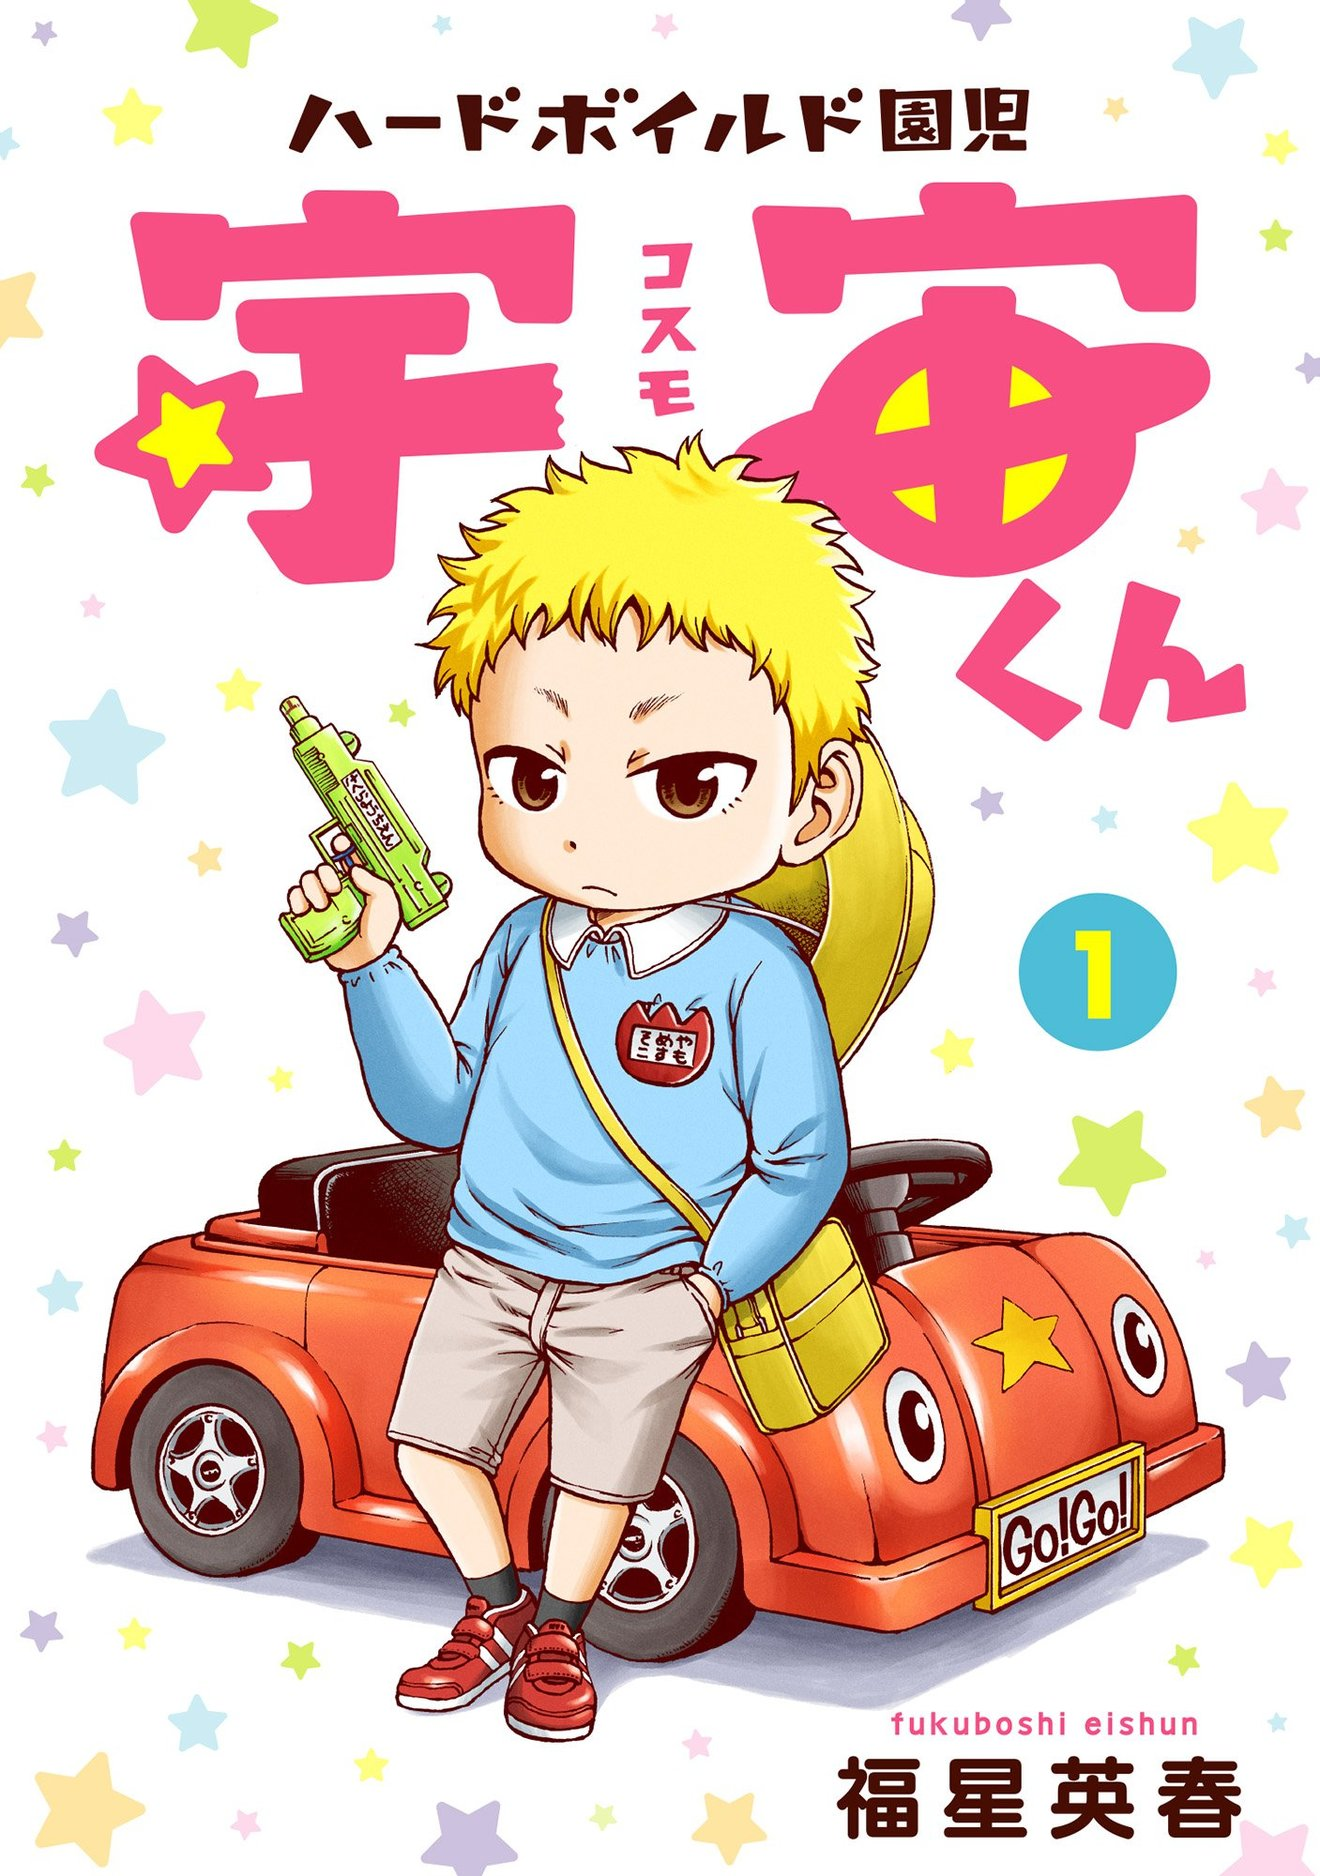 『ハードボイルド園児宇宙くん』が面白い!園児が渋いギャグ漫画をネタバレ!